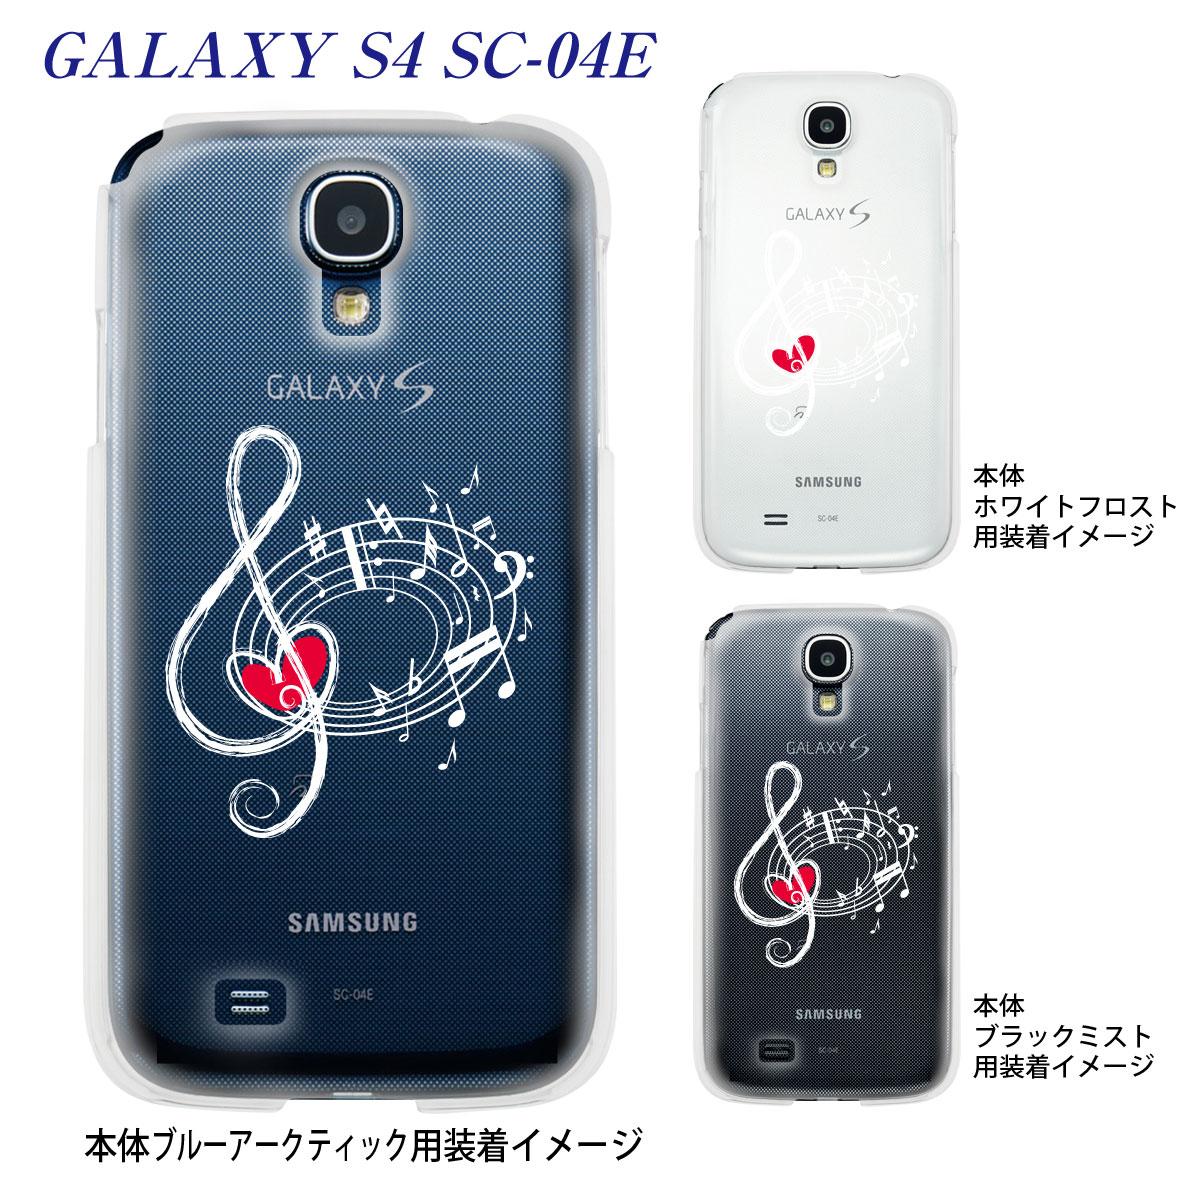 スマートフォン・携帯電話アクセサリー, ケース・カバー Clear ArtsGALAXY S4SC-04E 09-sc04e-mu0007